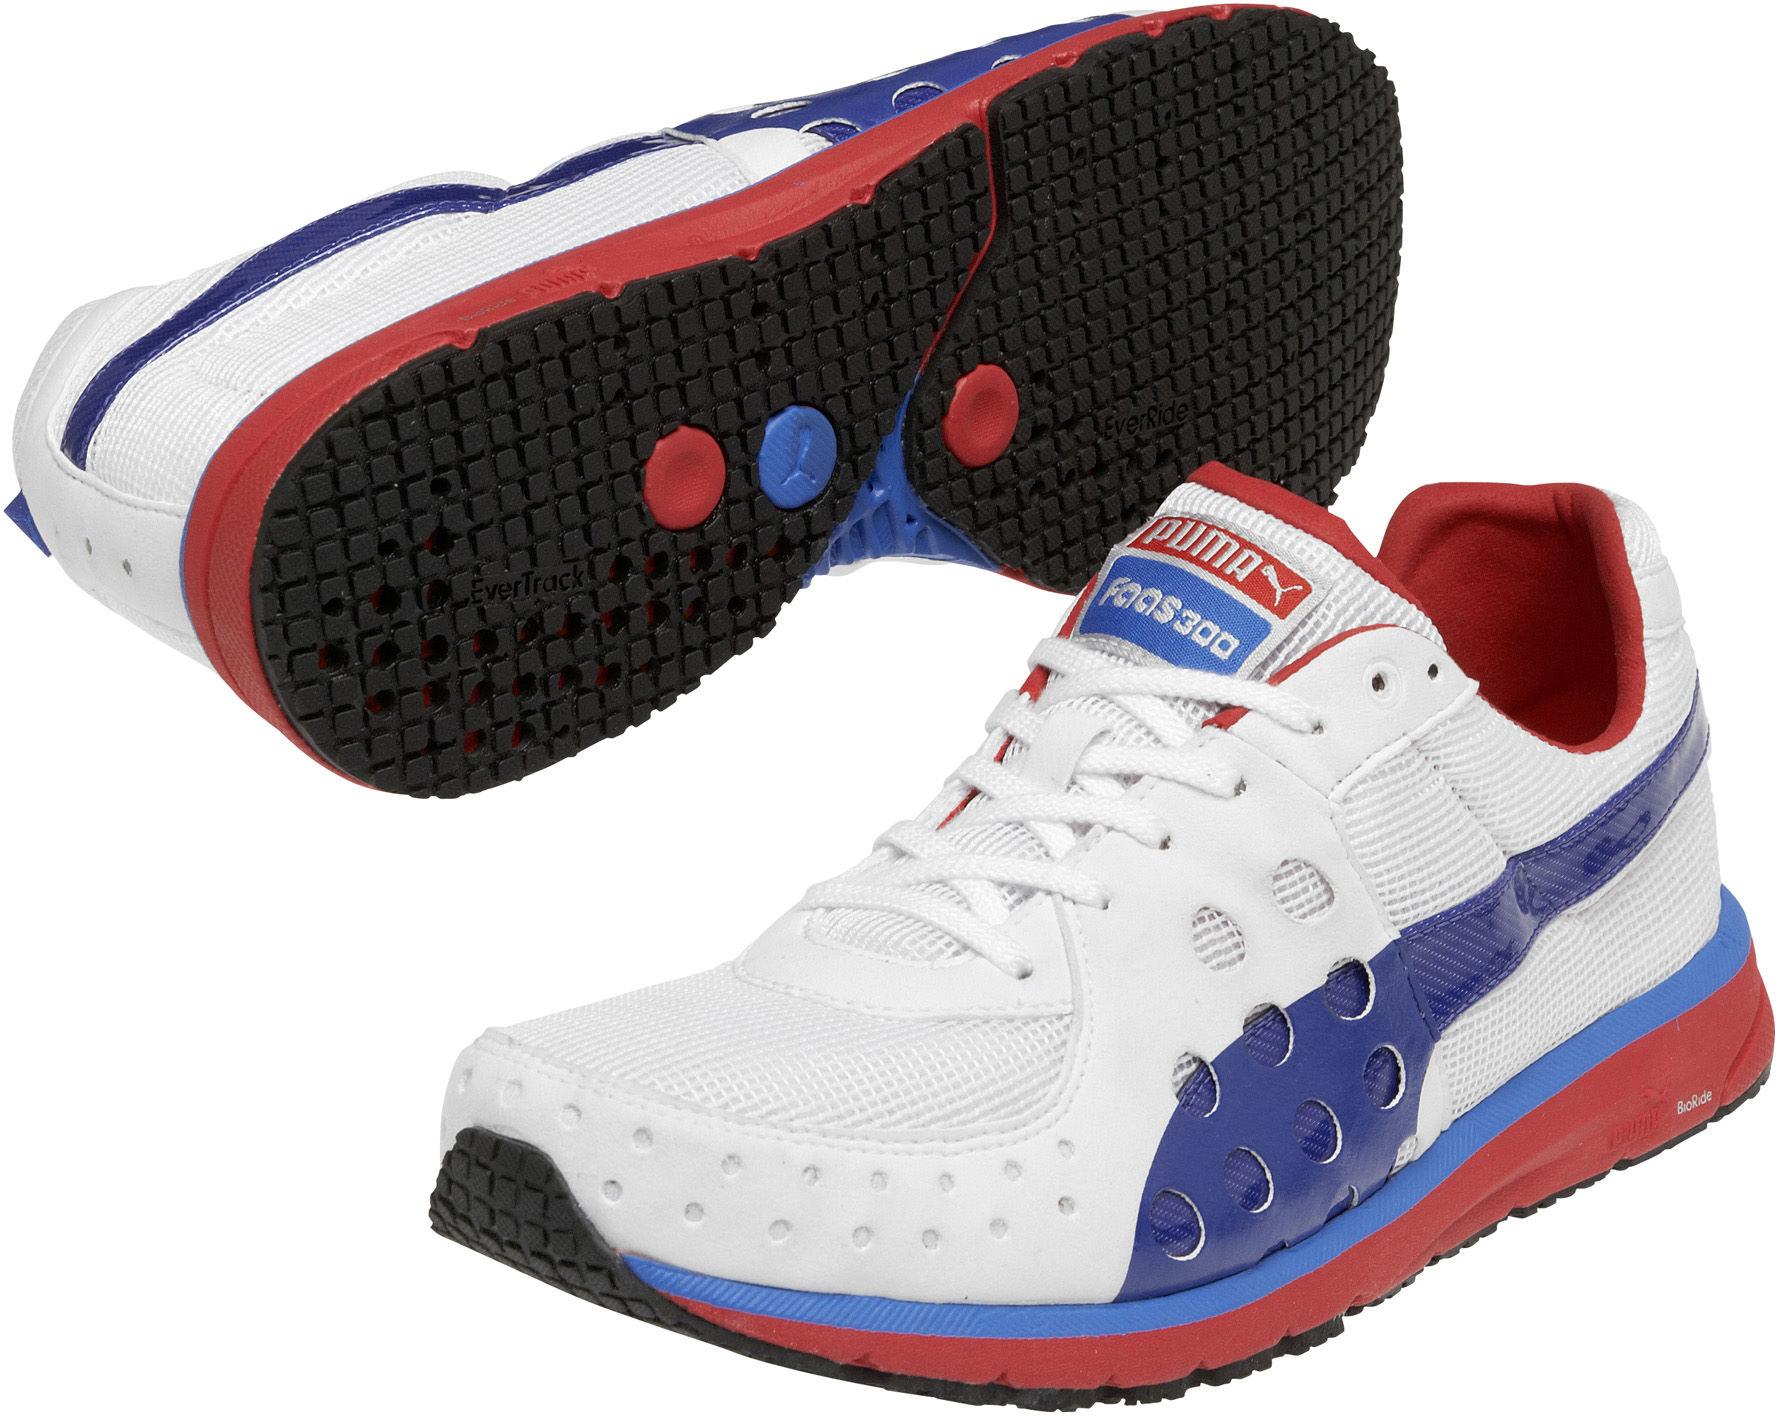 puma faas 300 w running shoes RXVUURV